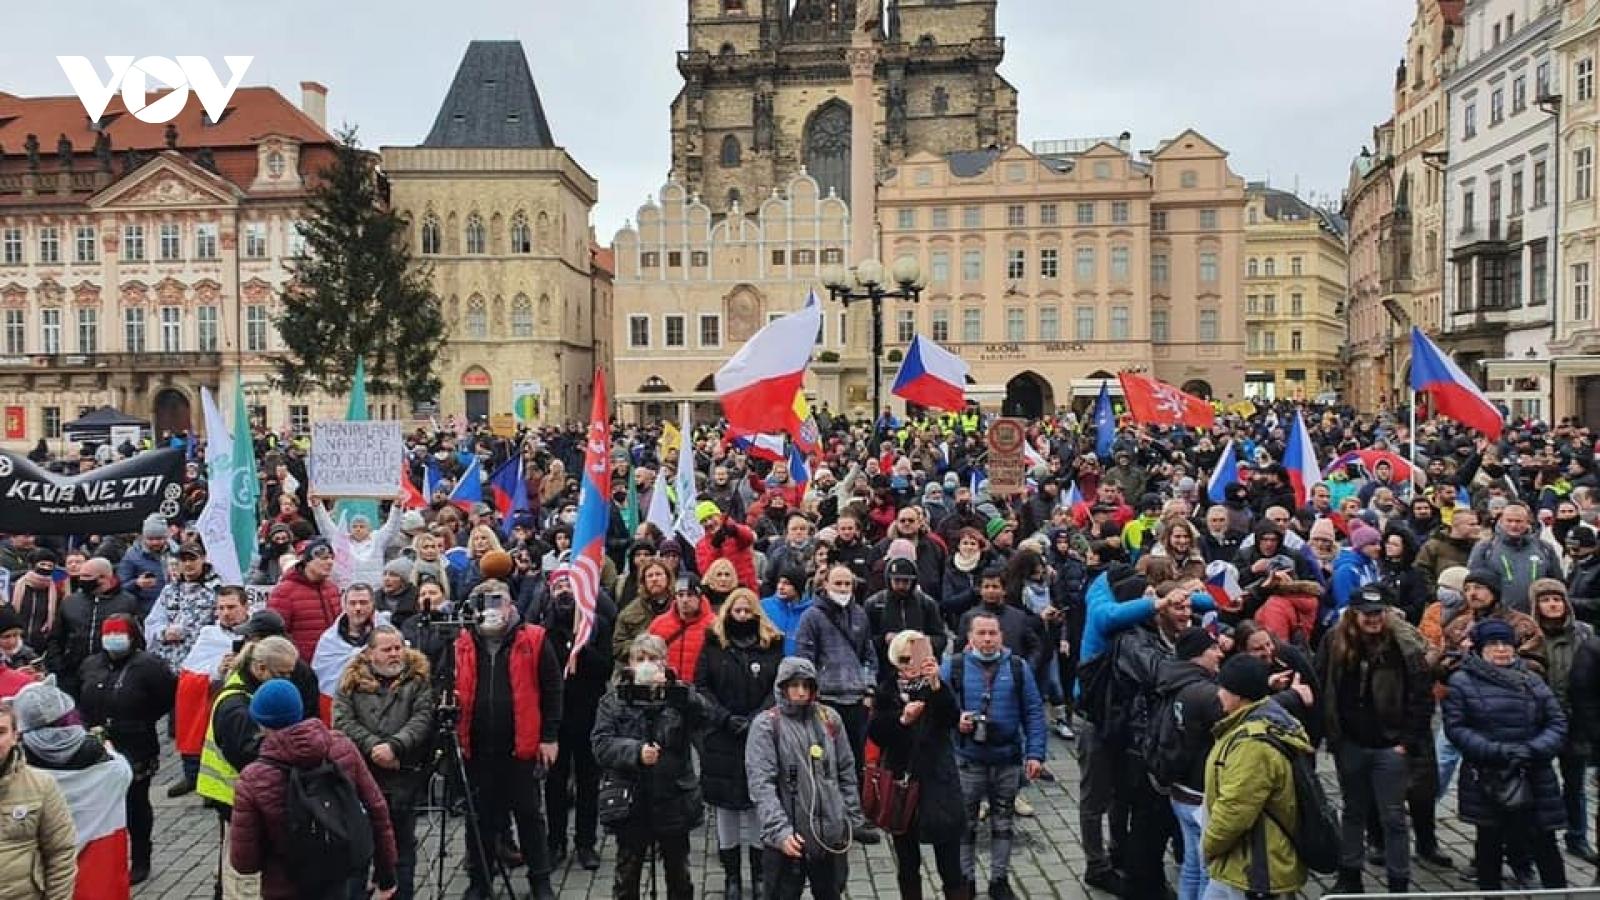 Biểu tình lớn đòi chính phủ Séc dỡ bỏ các lệnh hạn chế vì Covid-19